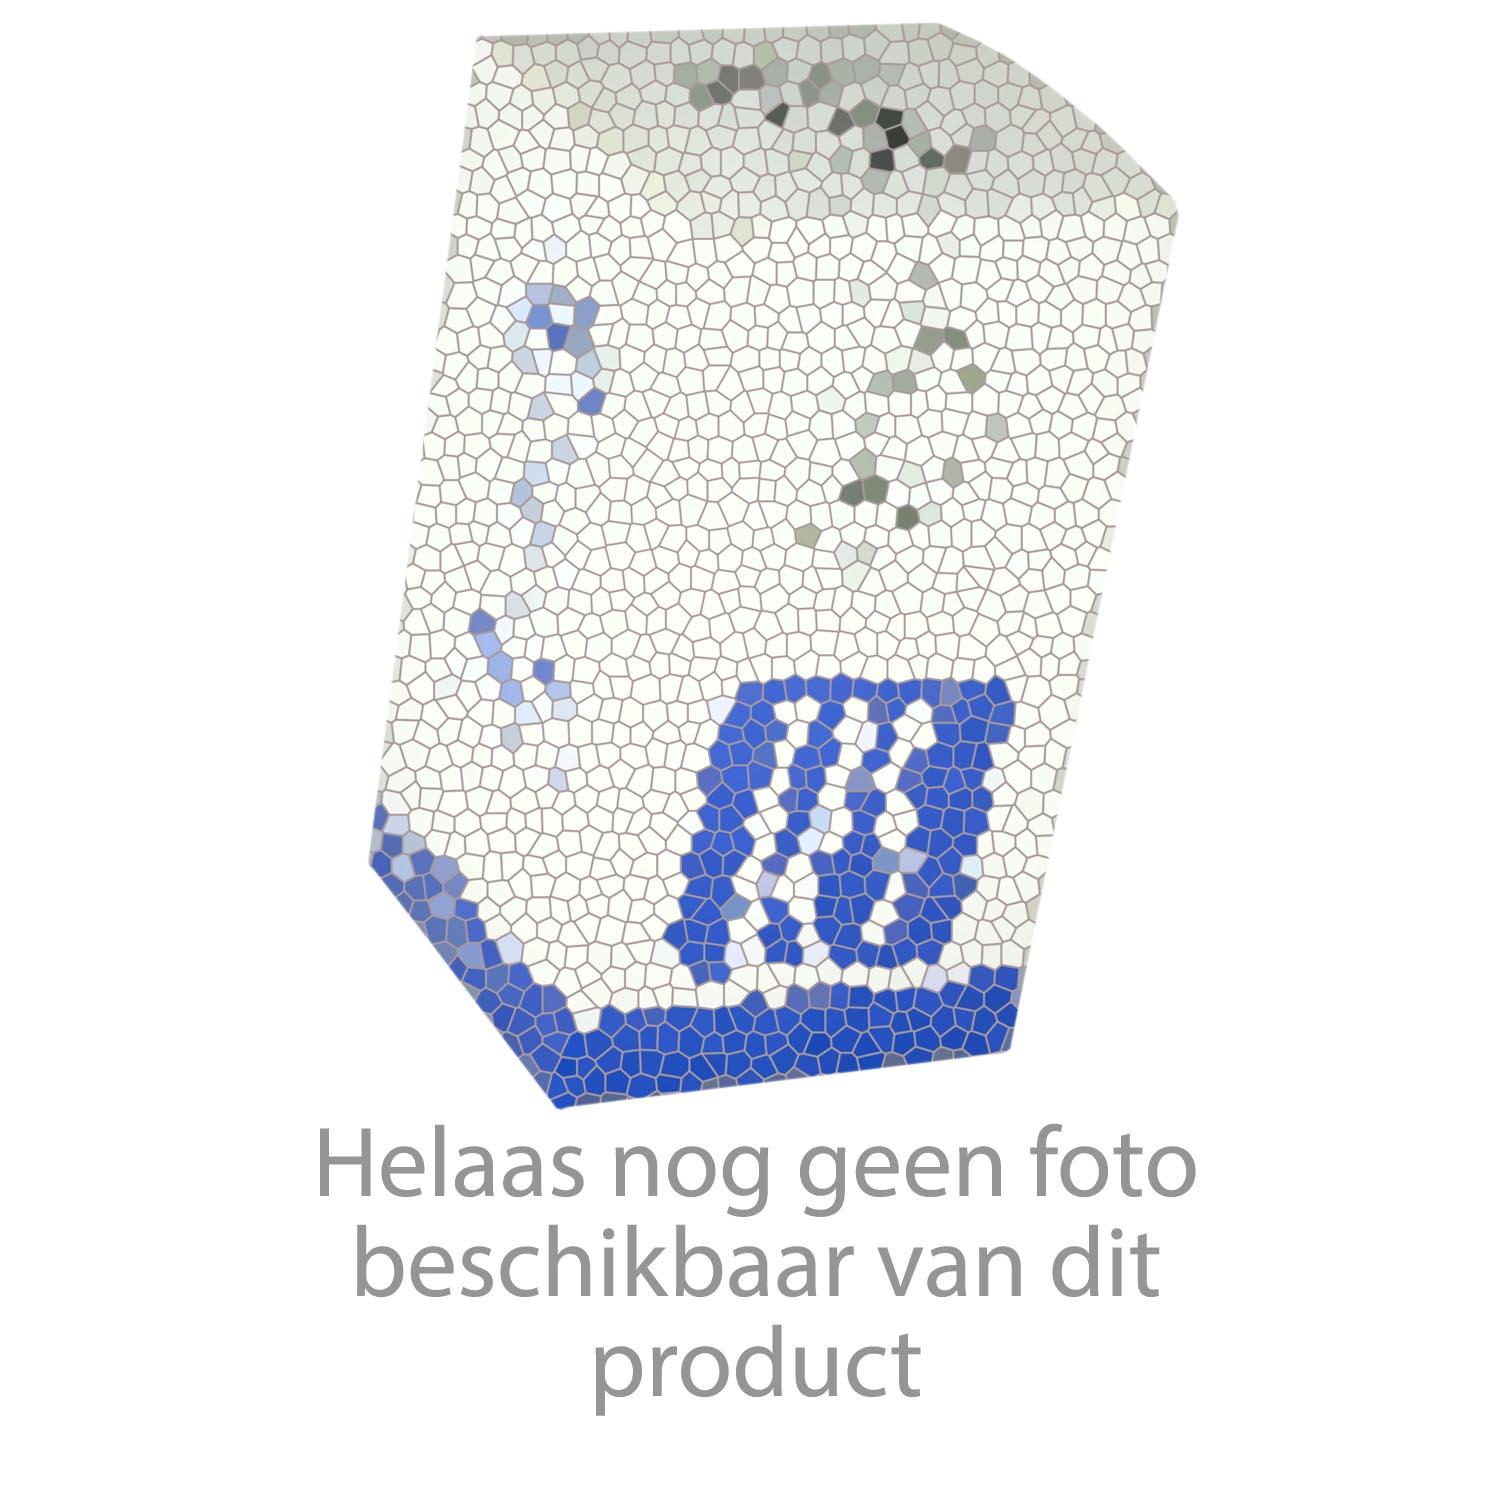 Vola Inbouwthermostaatkraan met 3-wegomstel handdouche en 4 zijdouches. Chroom